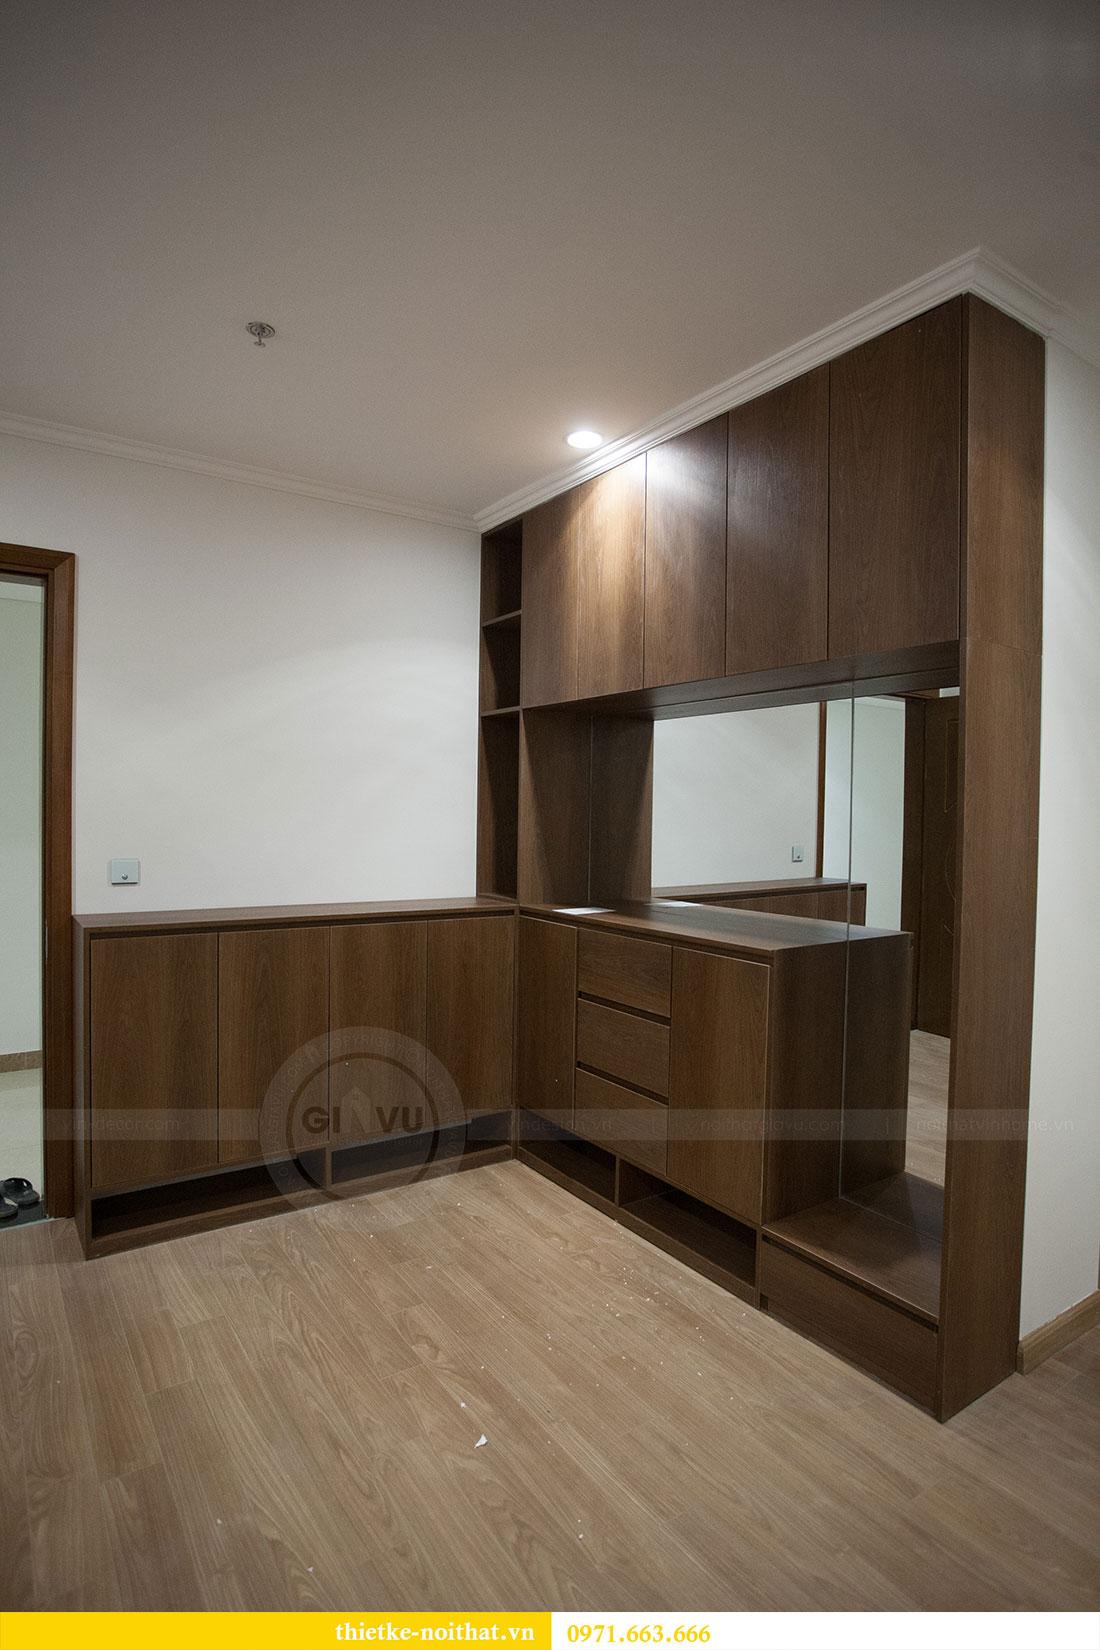 Thi công nội thất trọn gói tại Hà Nội - Lh 0971663666 view 1